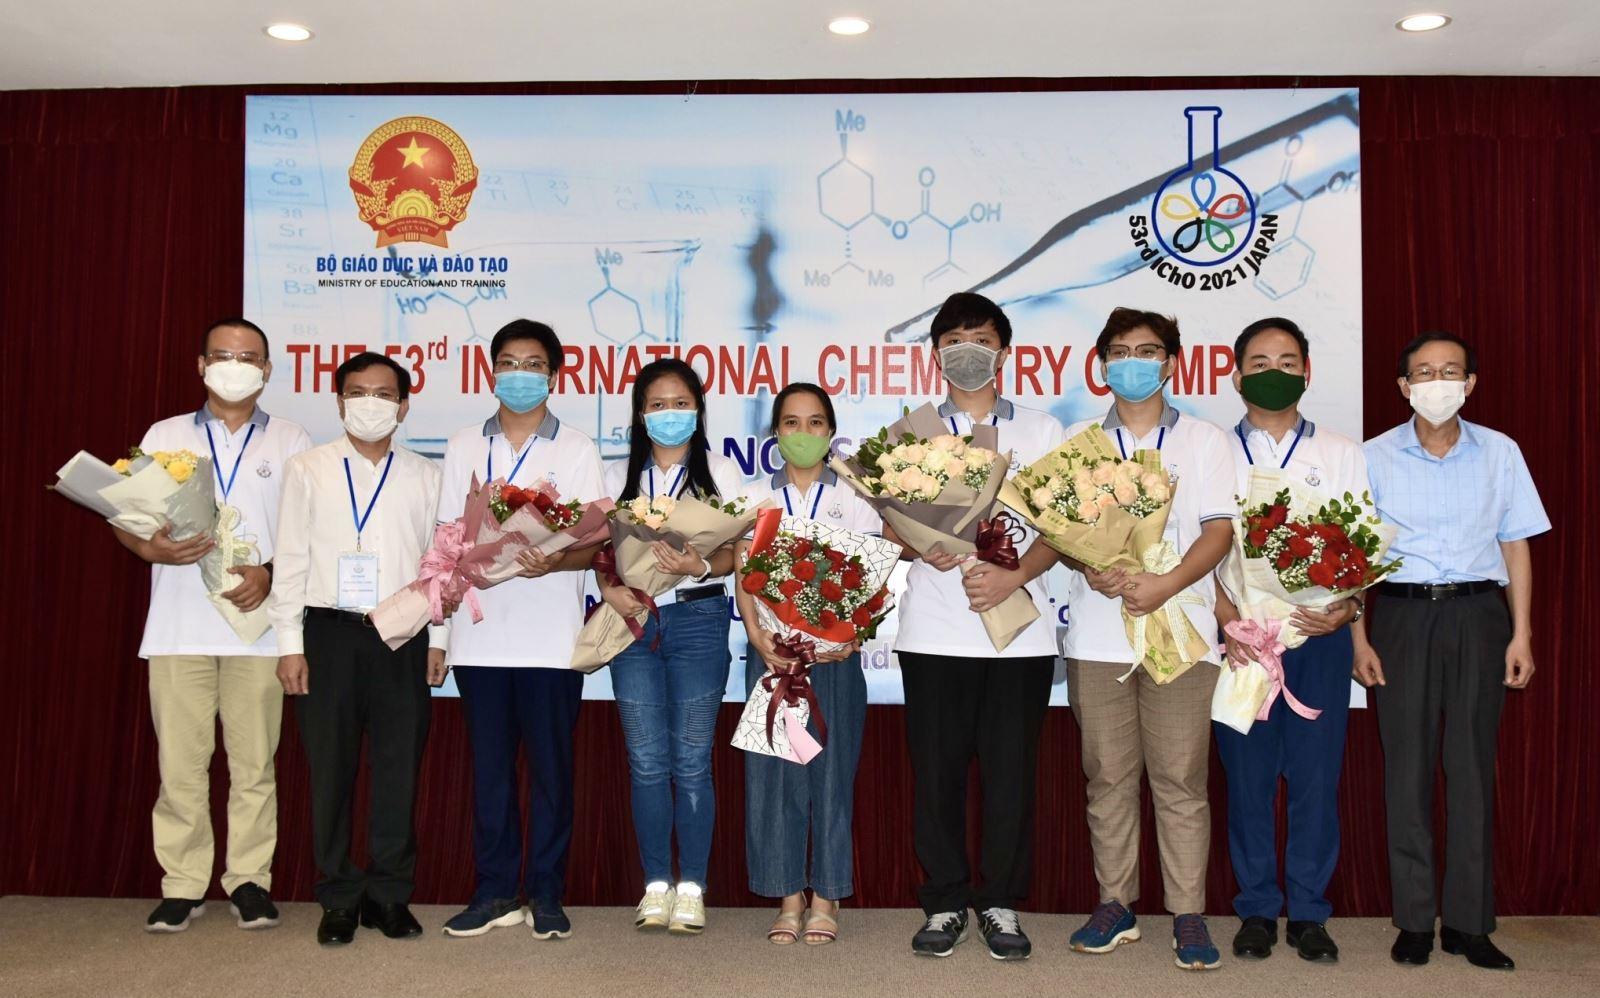 Đoàn Olympic Hoá học Việt Nam năm 2021. Ảnh: MOET